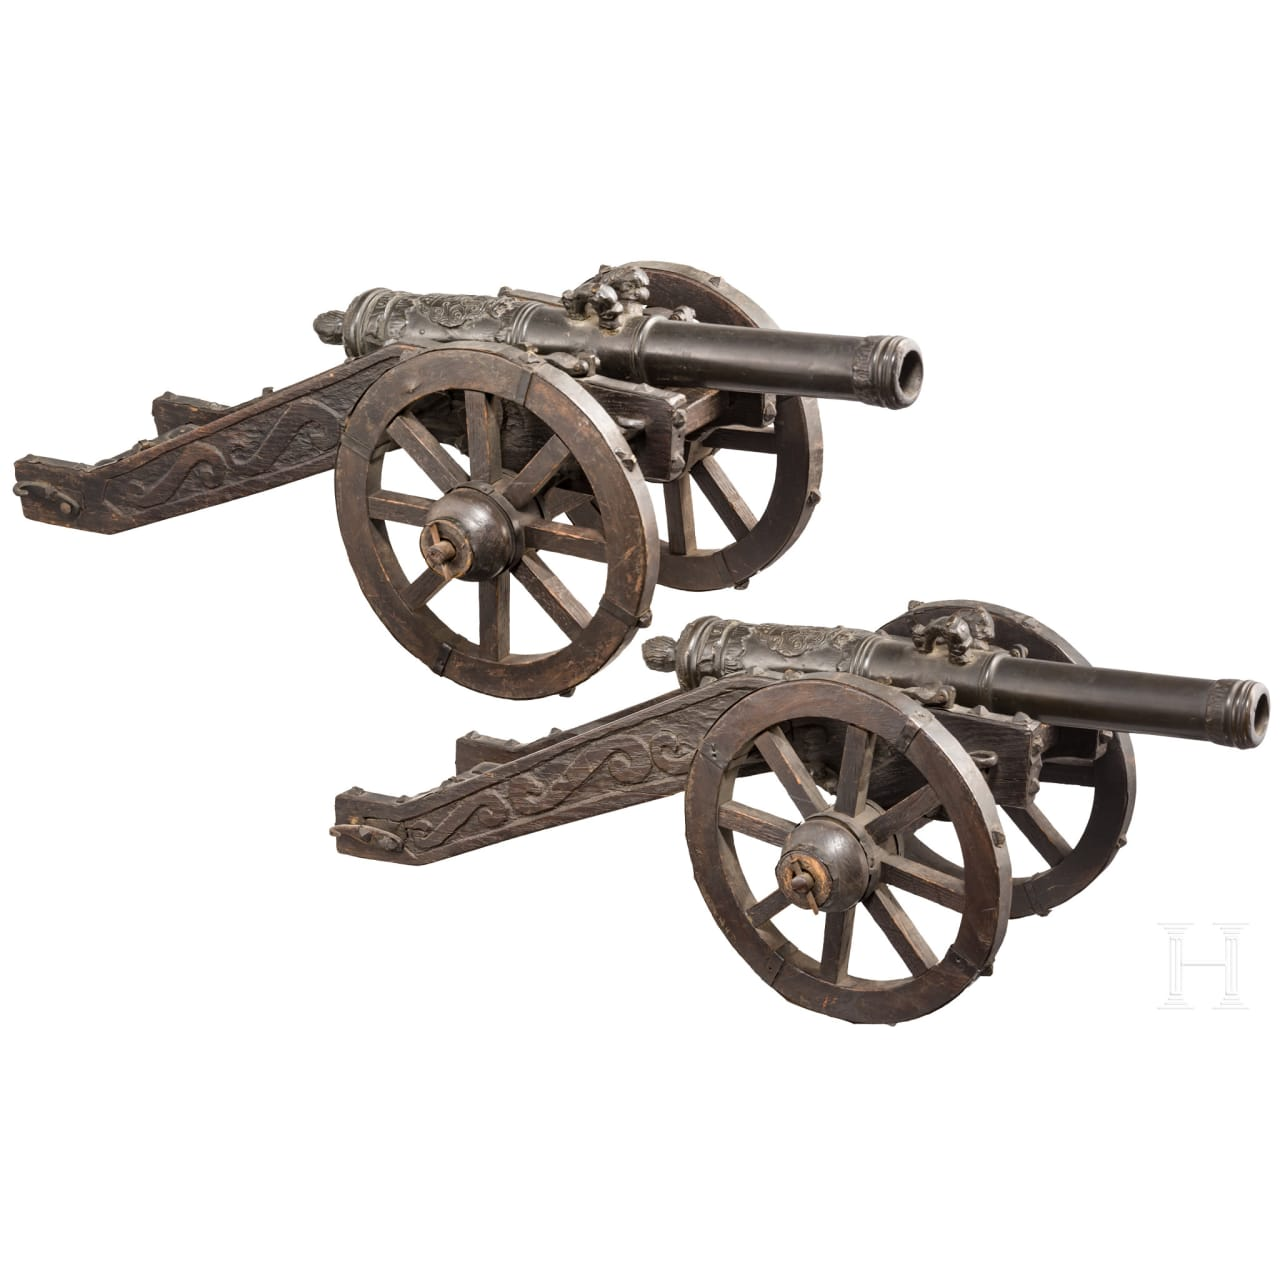 Ein Paar Miniatur-Feldgeschütze, Sammleranfertigungen im Stil des 17. Jhdts.